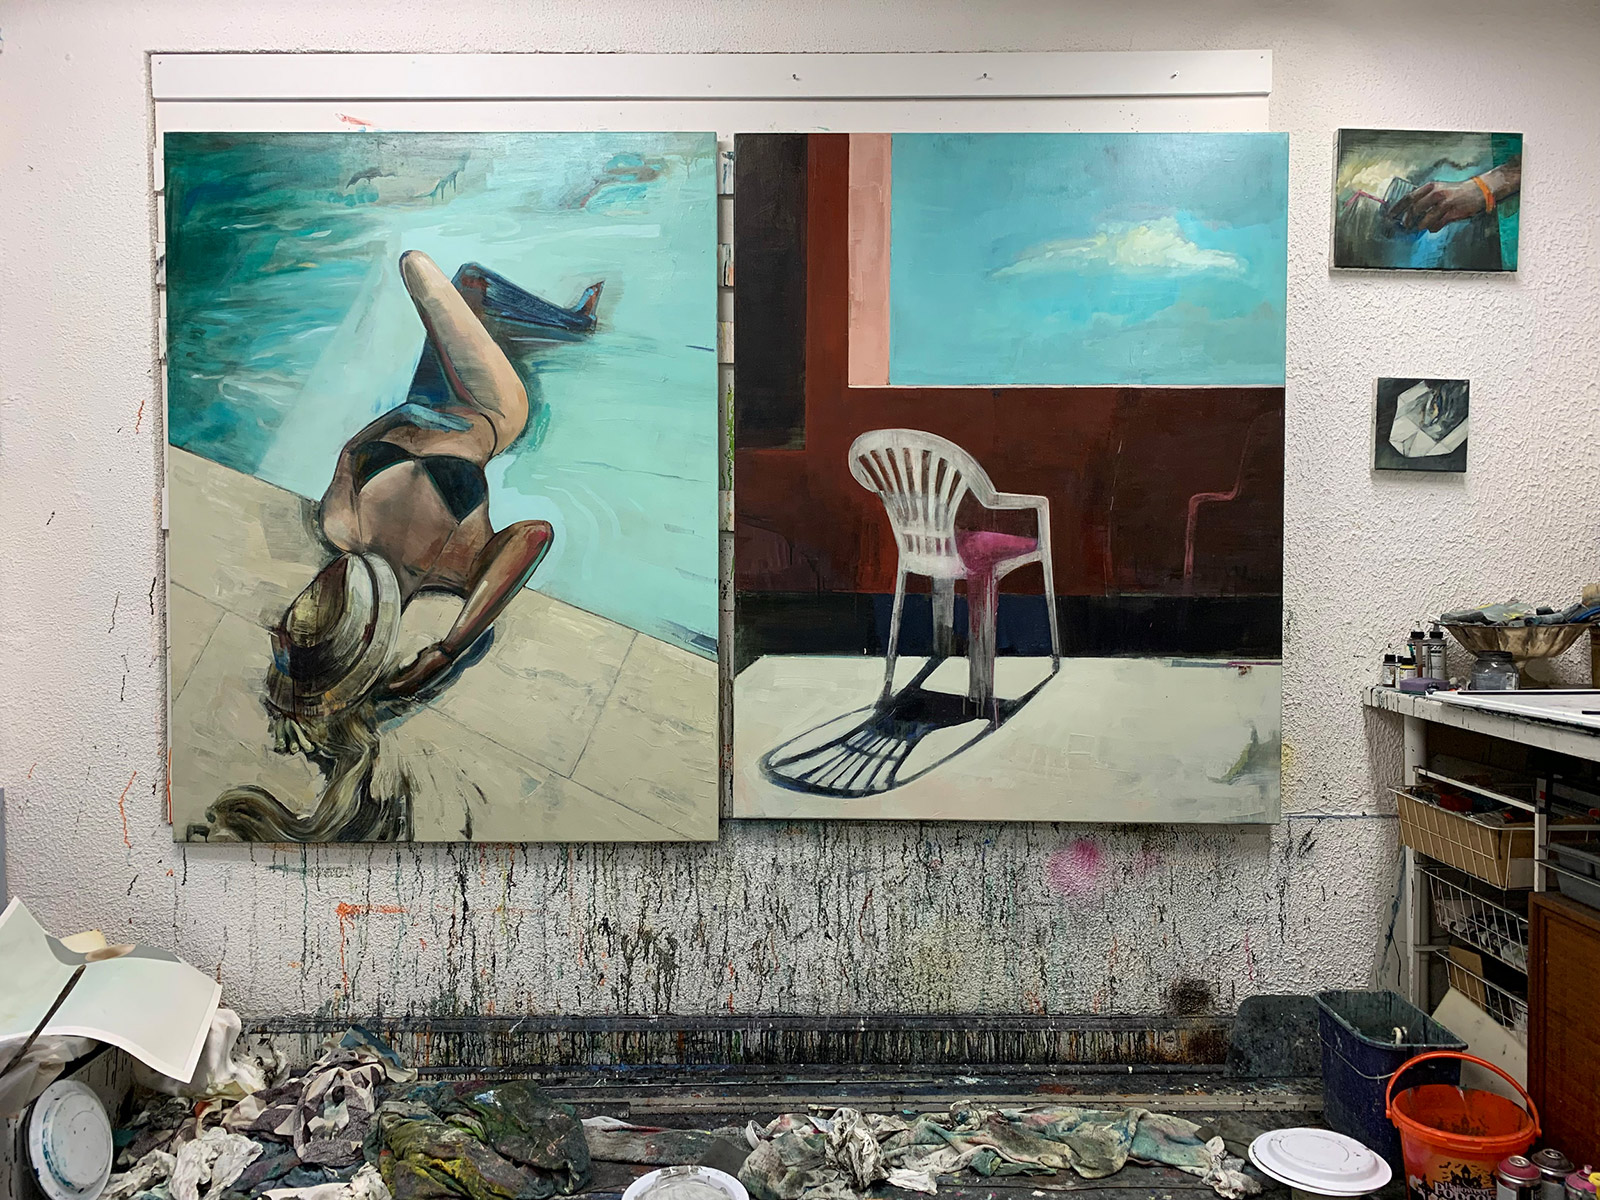 malerier, ekspressionistiske, figurative, grafiske, illustrative, kroppe, stemninger, natur, havet, mennesker, årstider, seksualitet, beige, blå, grønne, grå, turkise, akryl, kul,  bomuldslærred, olie, strand, smukke, samtidskunst, dag, drinks, ekspressionisme, kvindelig, piger, bolig-indretning, moderne-kunst, nordisk, skandinavisk, hav, former, vand, kvinder, Køb original kunst og kunstplakater. Malerier, tegninger, limited edition kunsttryk & plakater af dygtige kunstnere.